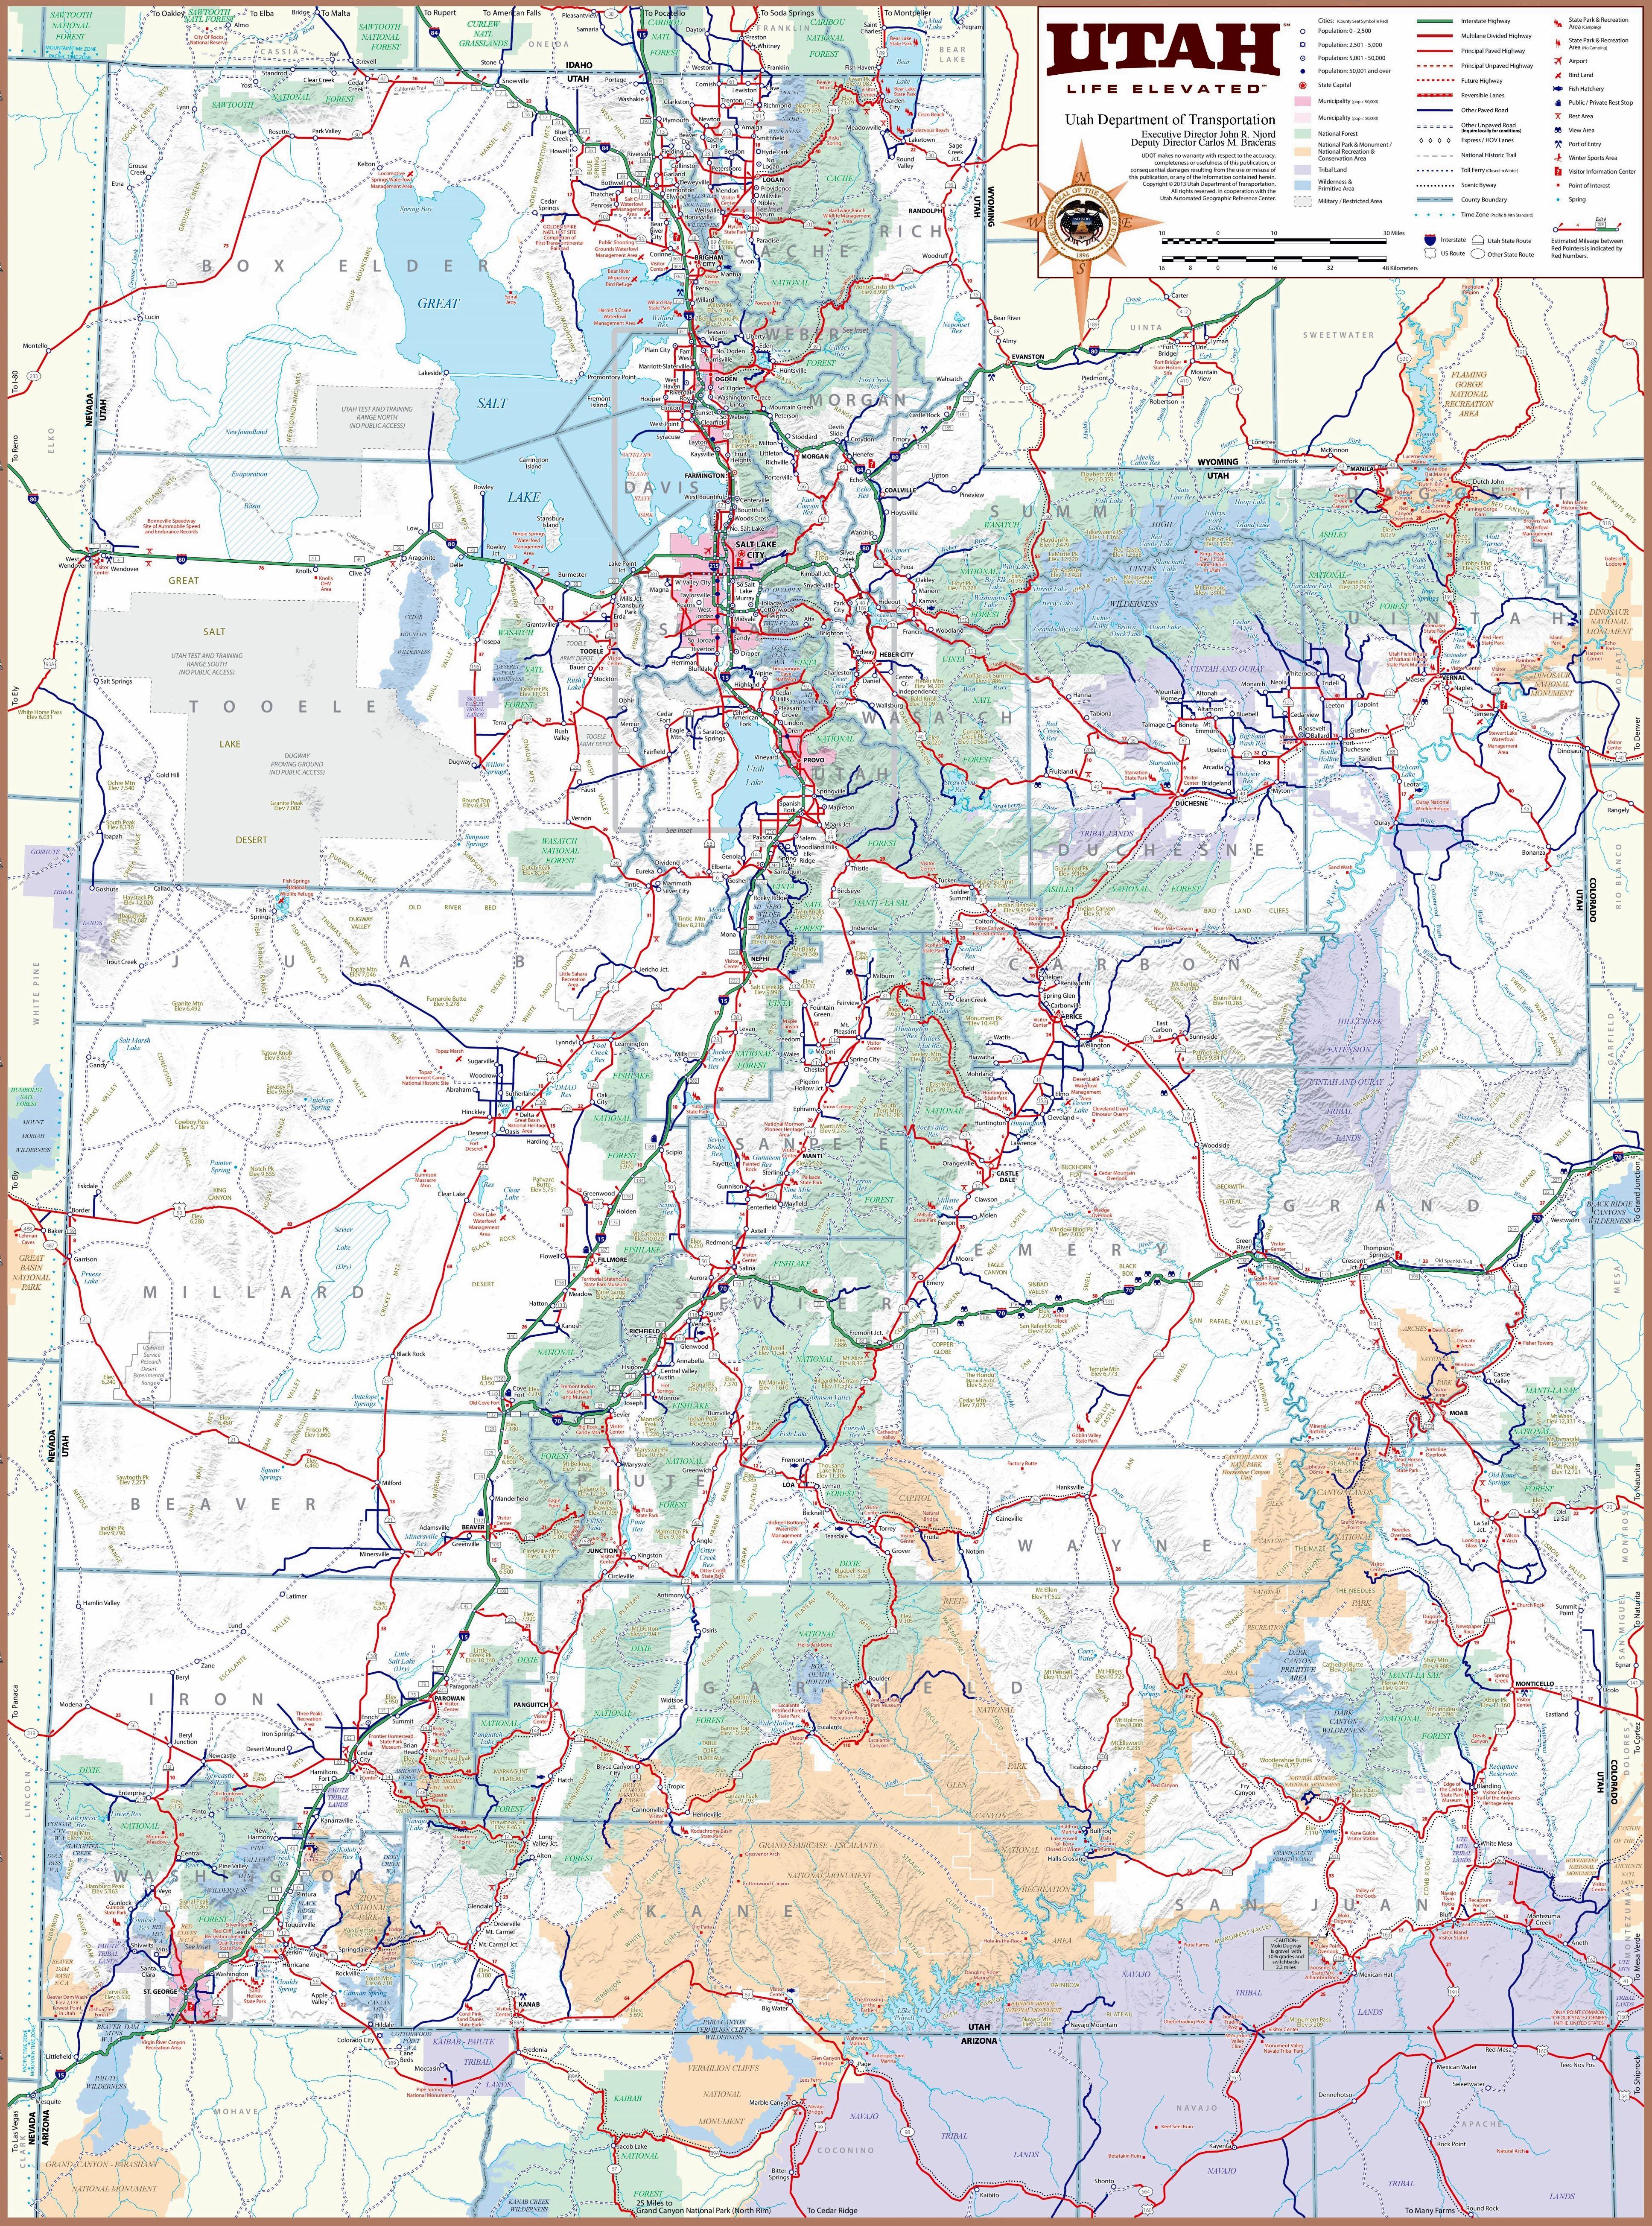 Map Of Utah Large Utah Maps for Free Download and Print | High Resolution and  Map Of Utah